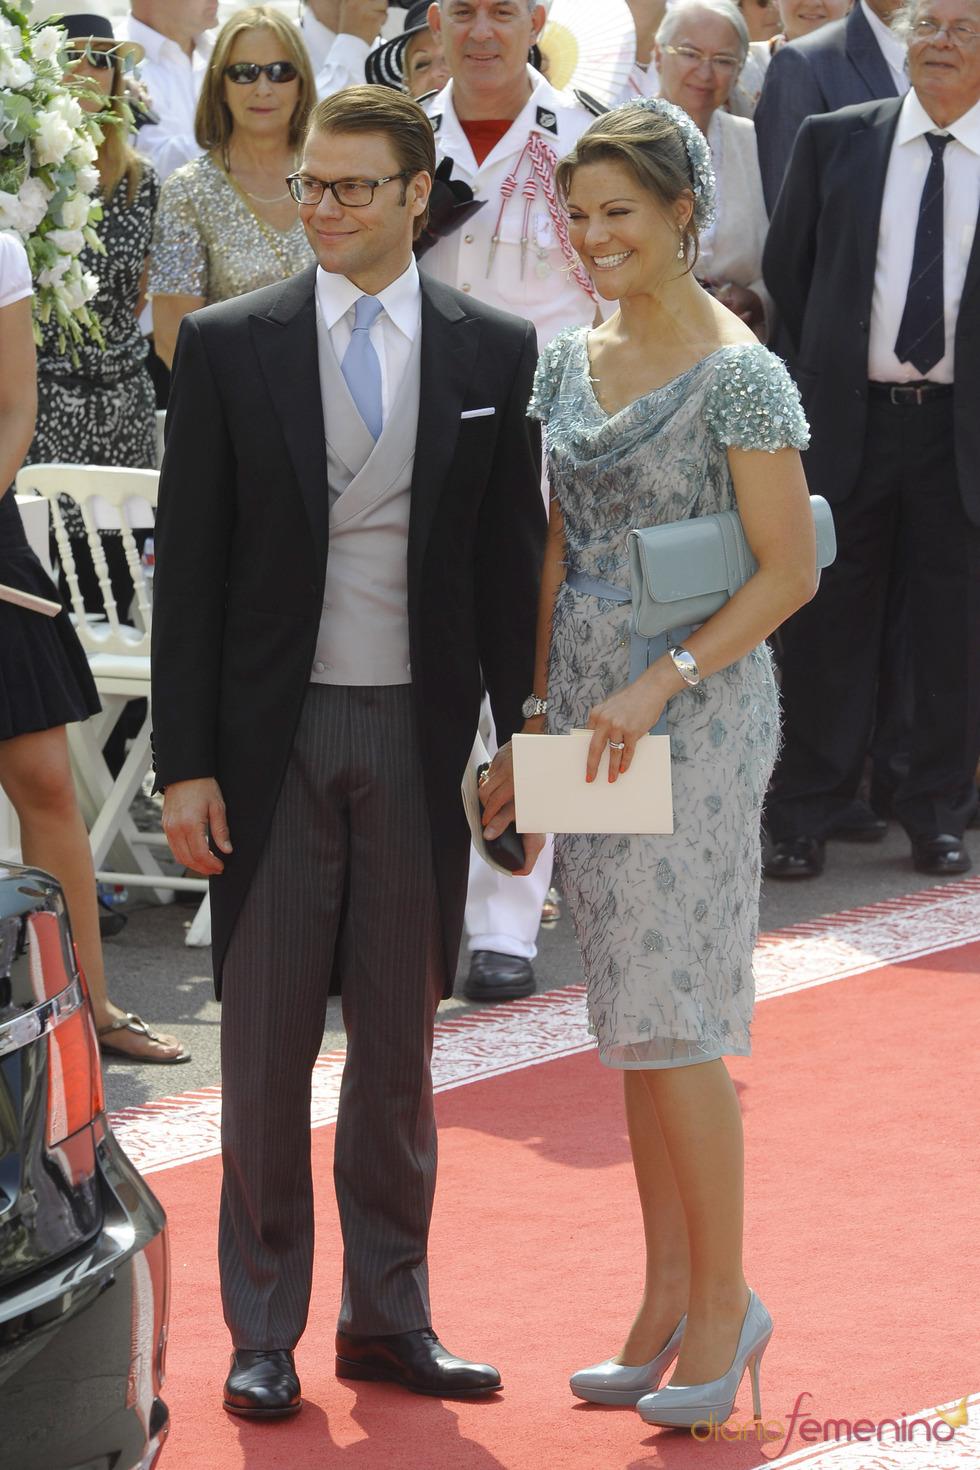 Victoria de Suecia llega a la ceremonia religiosa de la Boda Real de Mónaco